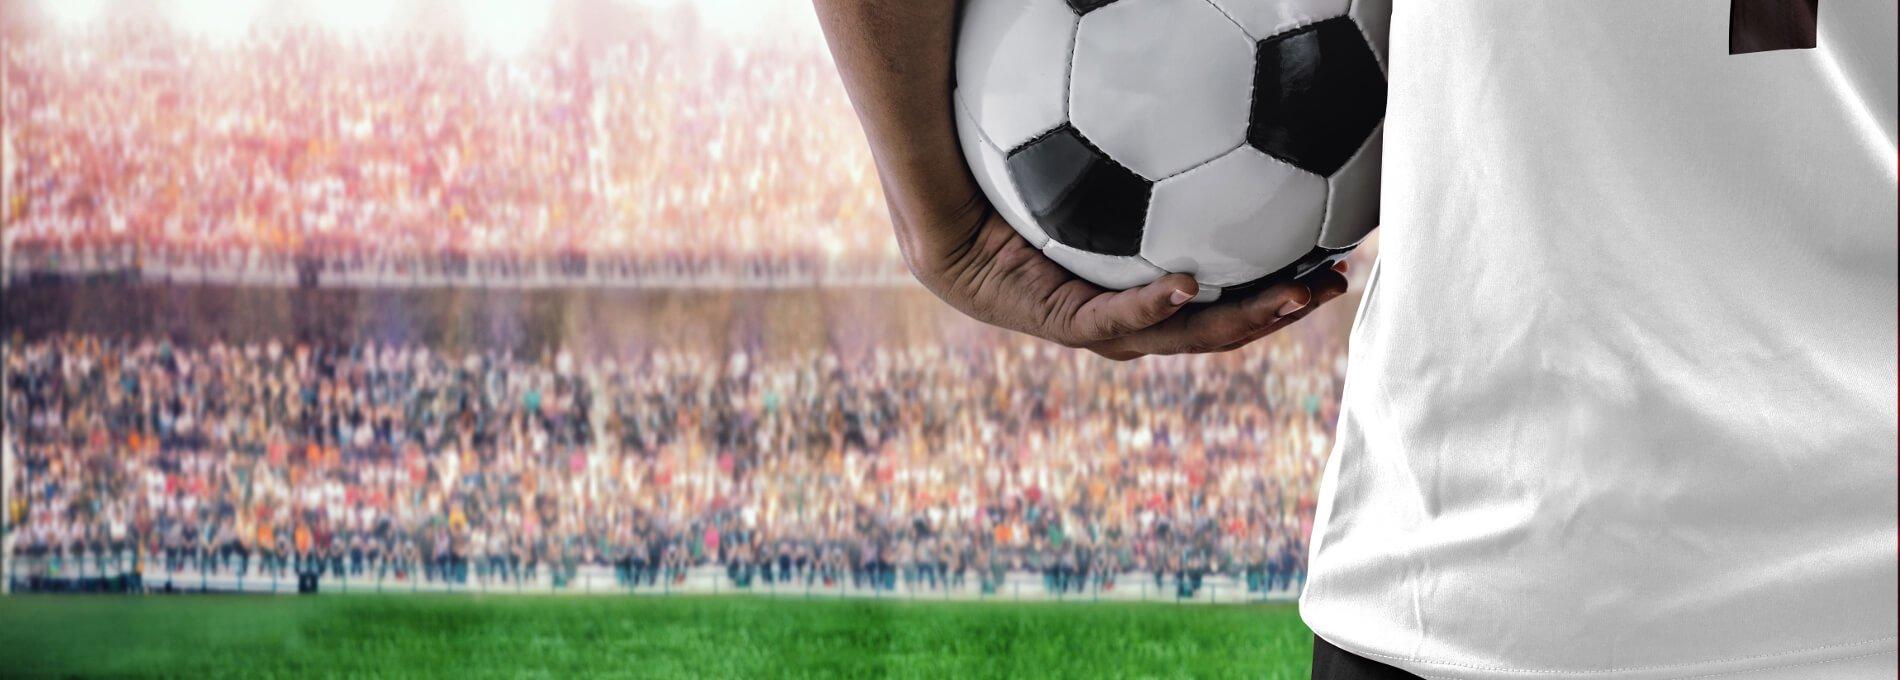 Fußballspieler mit Ball auf dem Fußballfeld